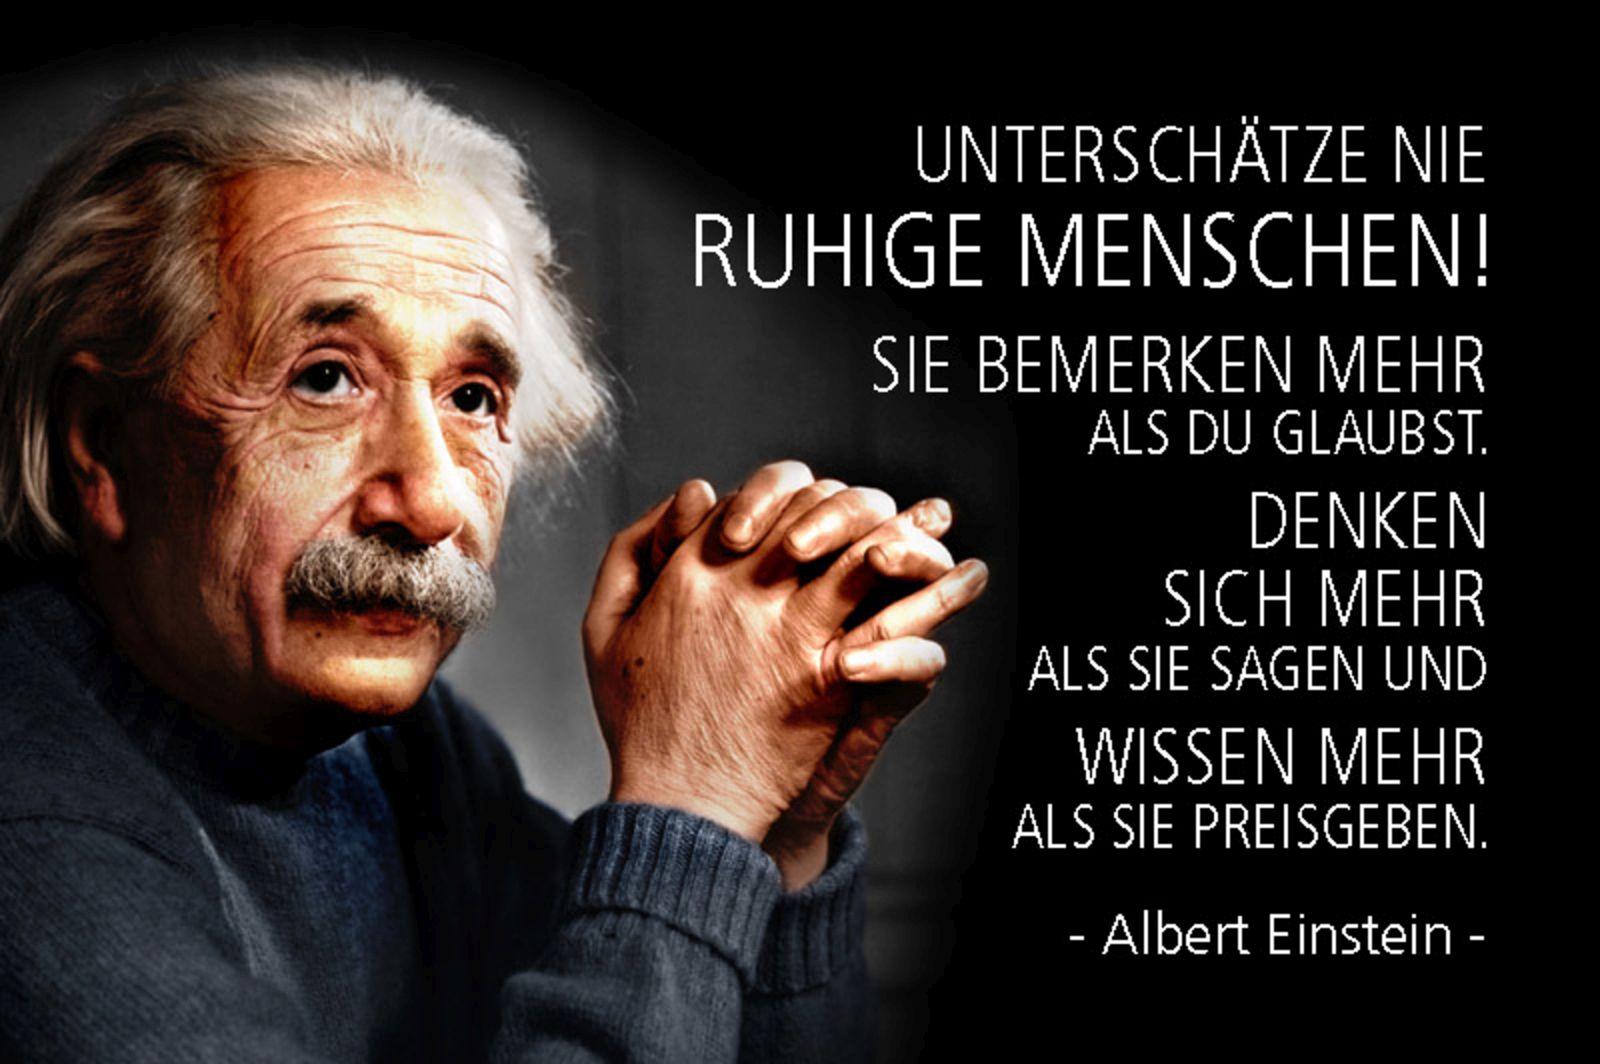 Blechschild Spruch Einstein Unterschätze nie ruhige